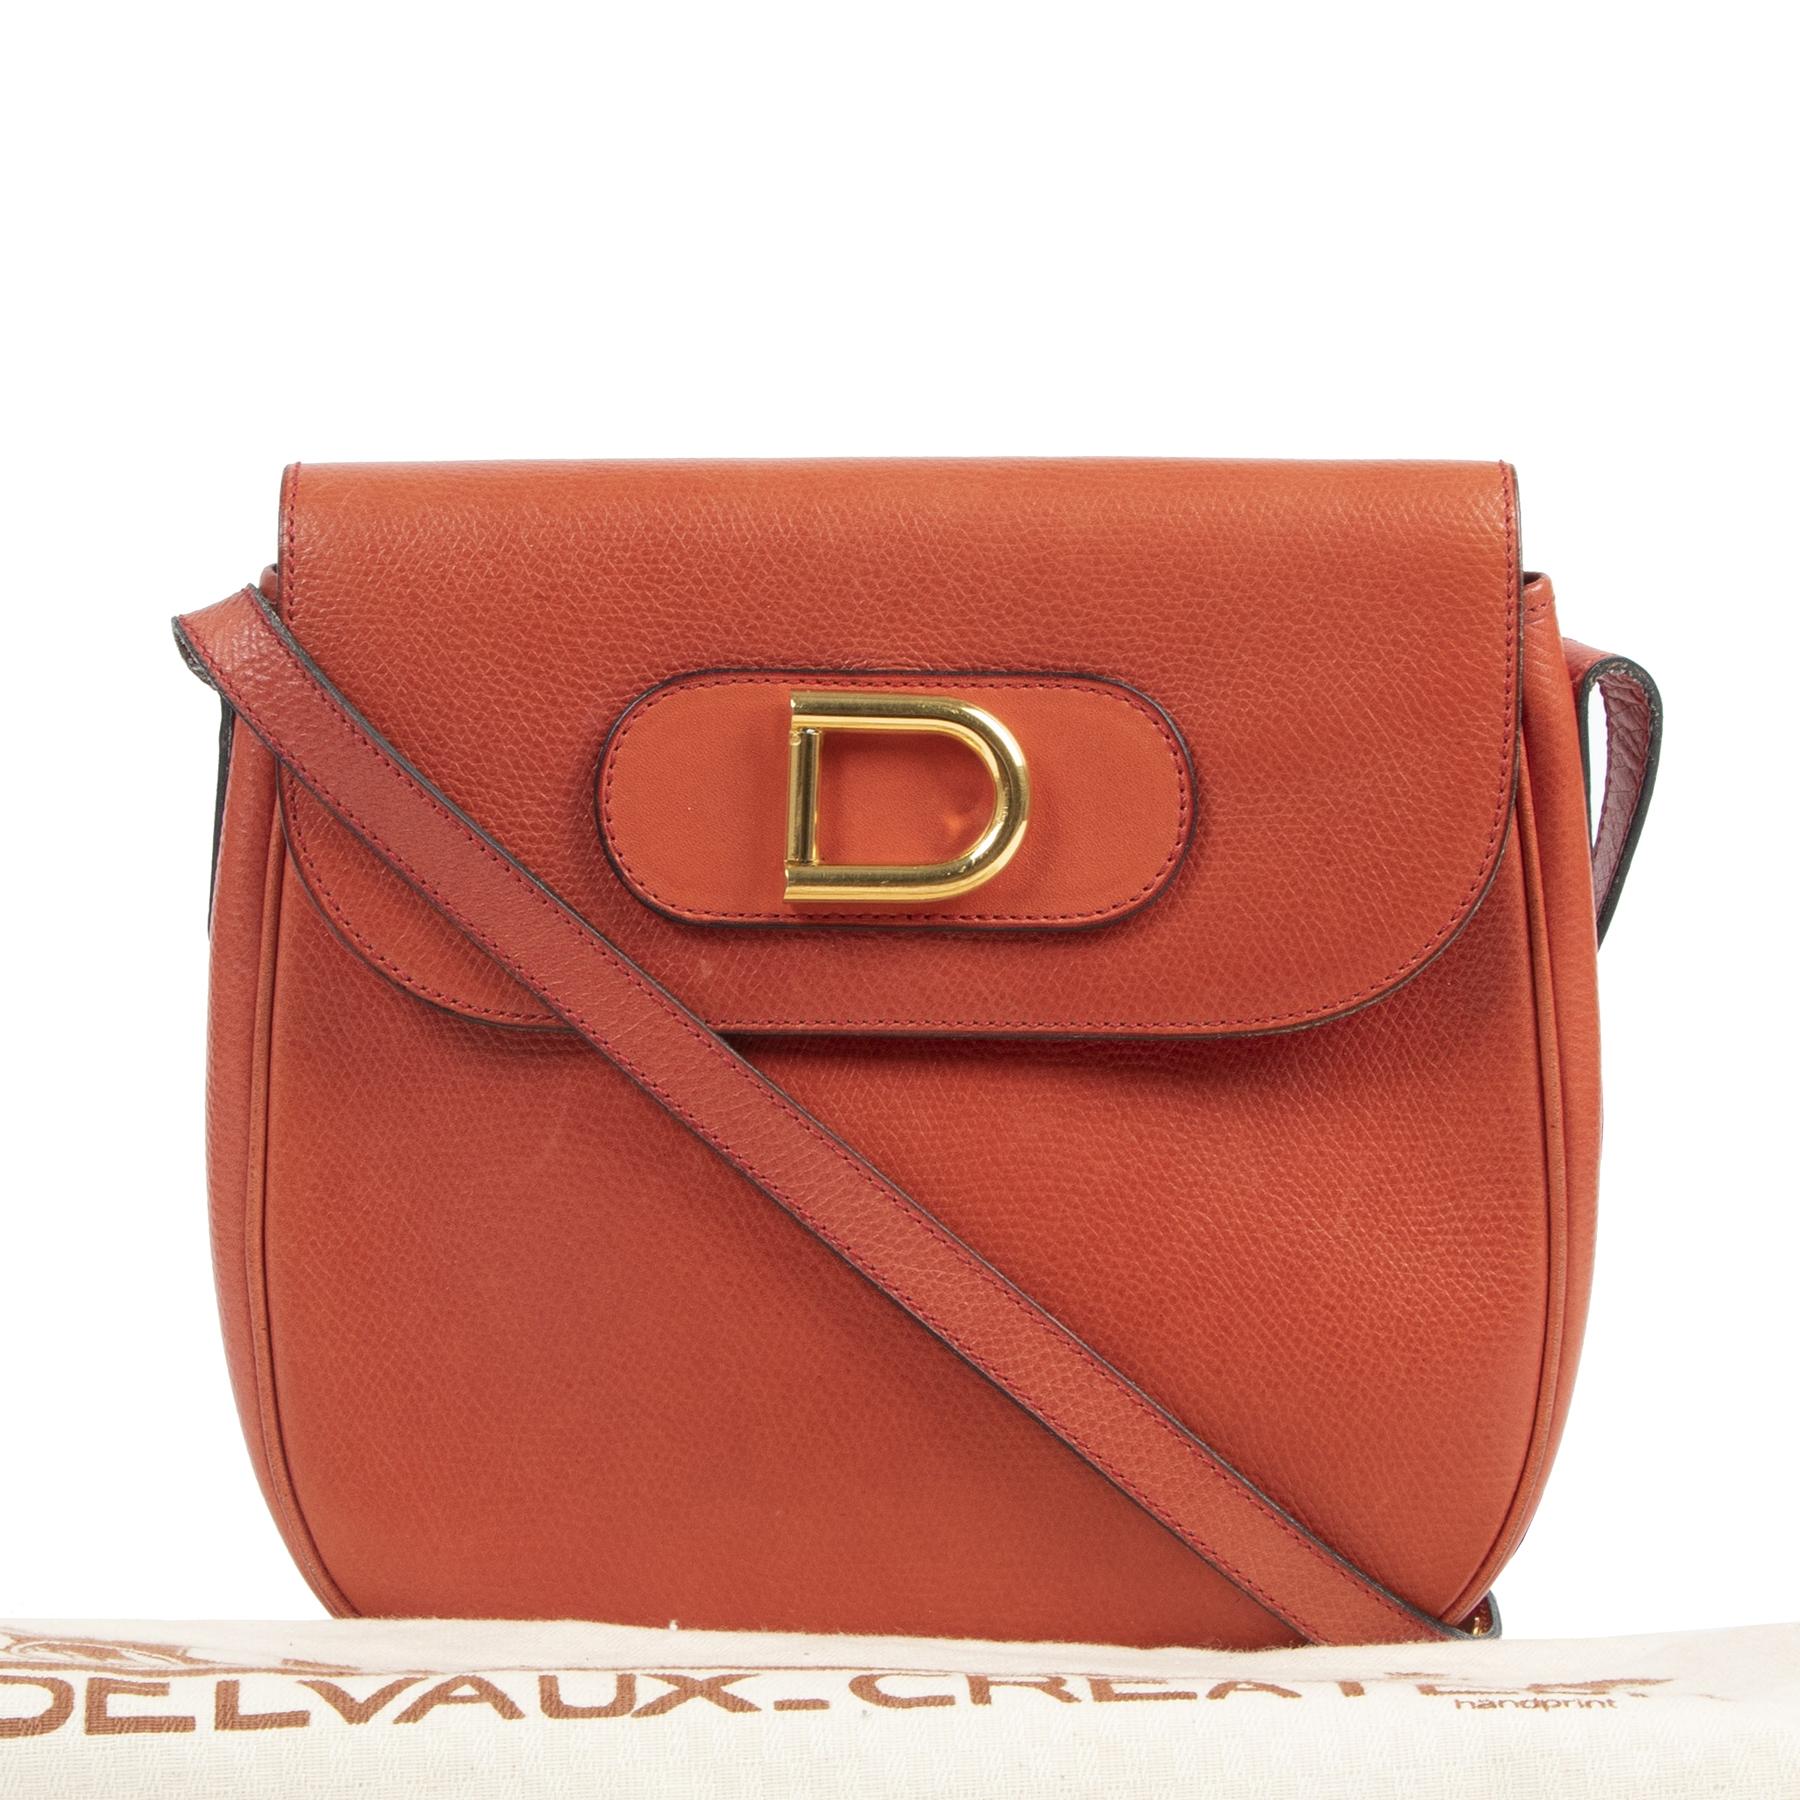 Delvaux Coral D Crossbody Bag